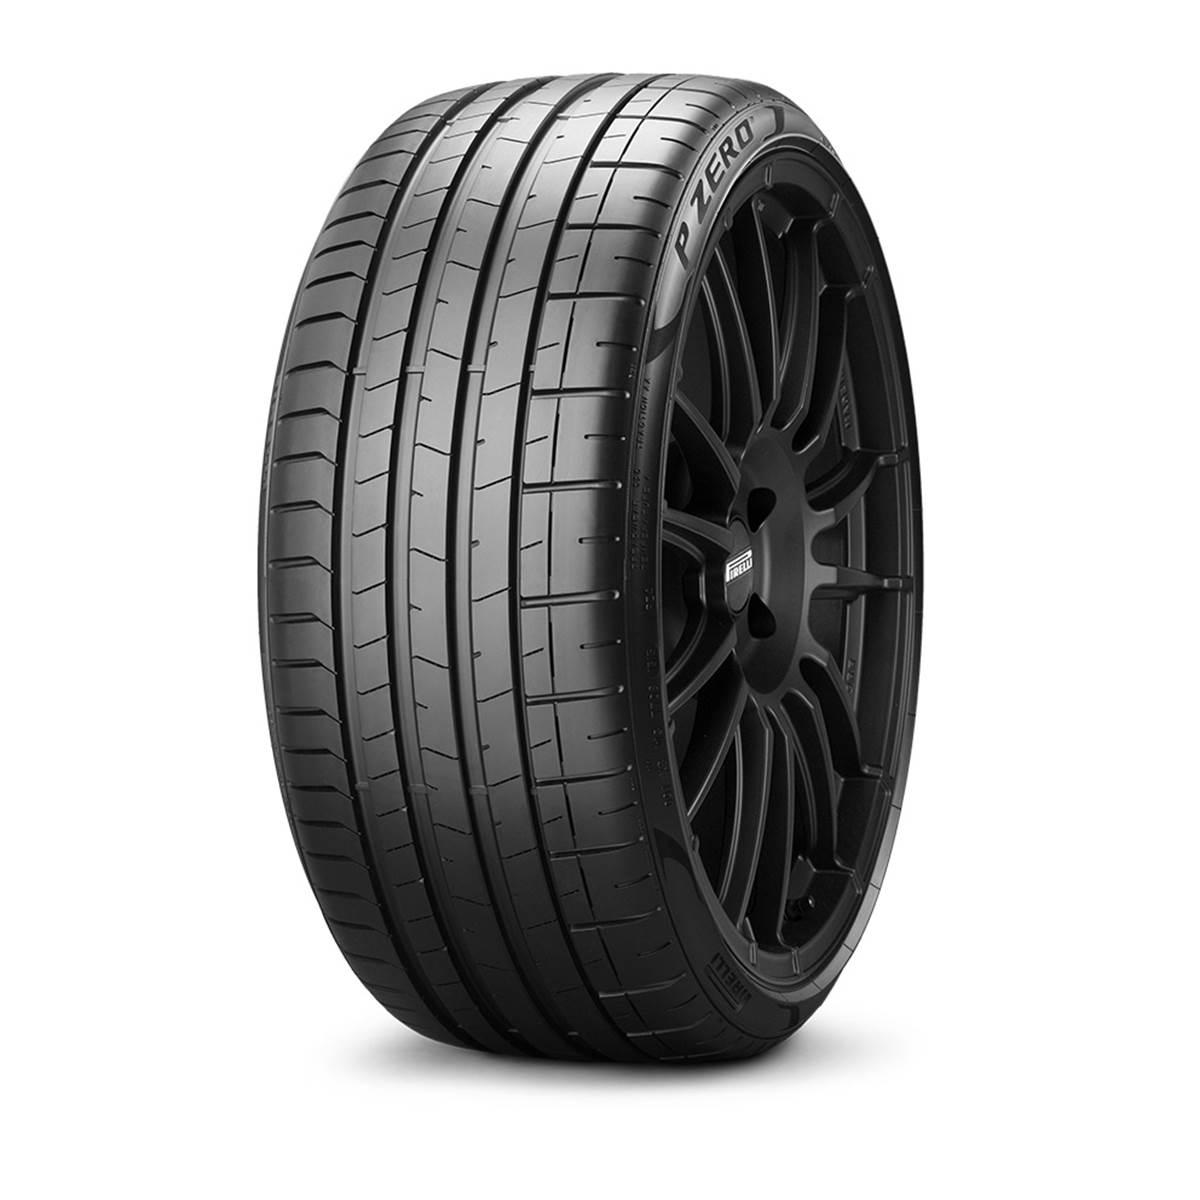 Pneu Pirelli 225/35R19 88Y Pzero XL